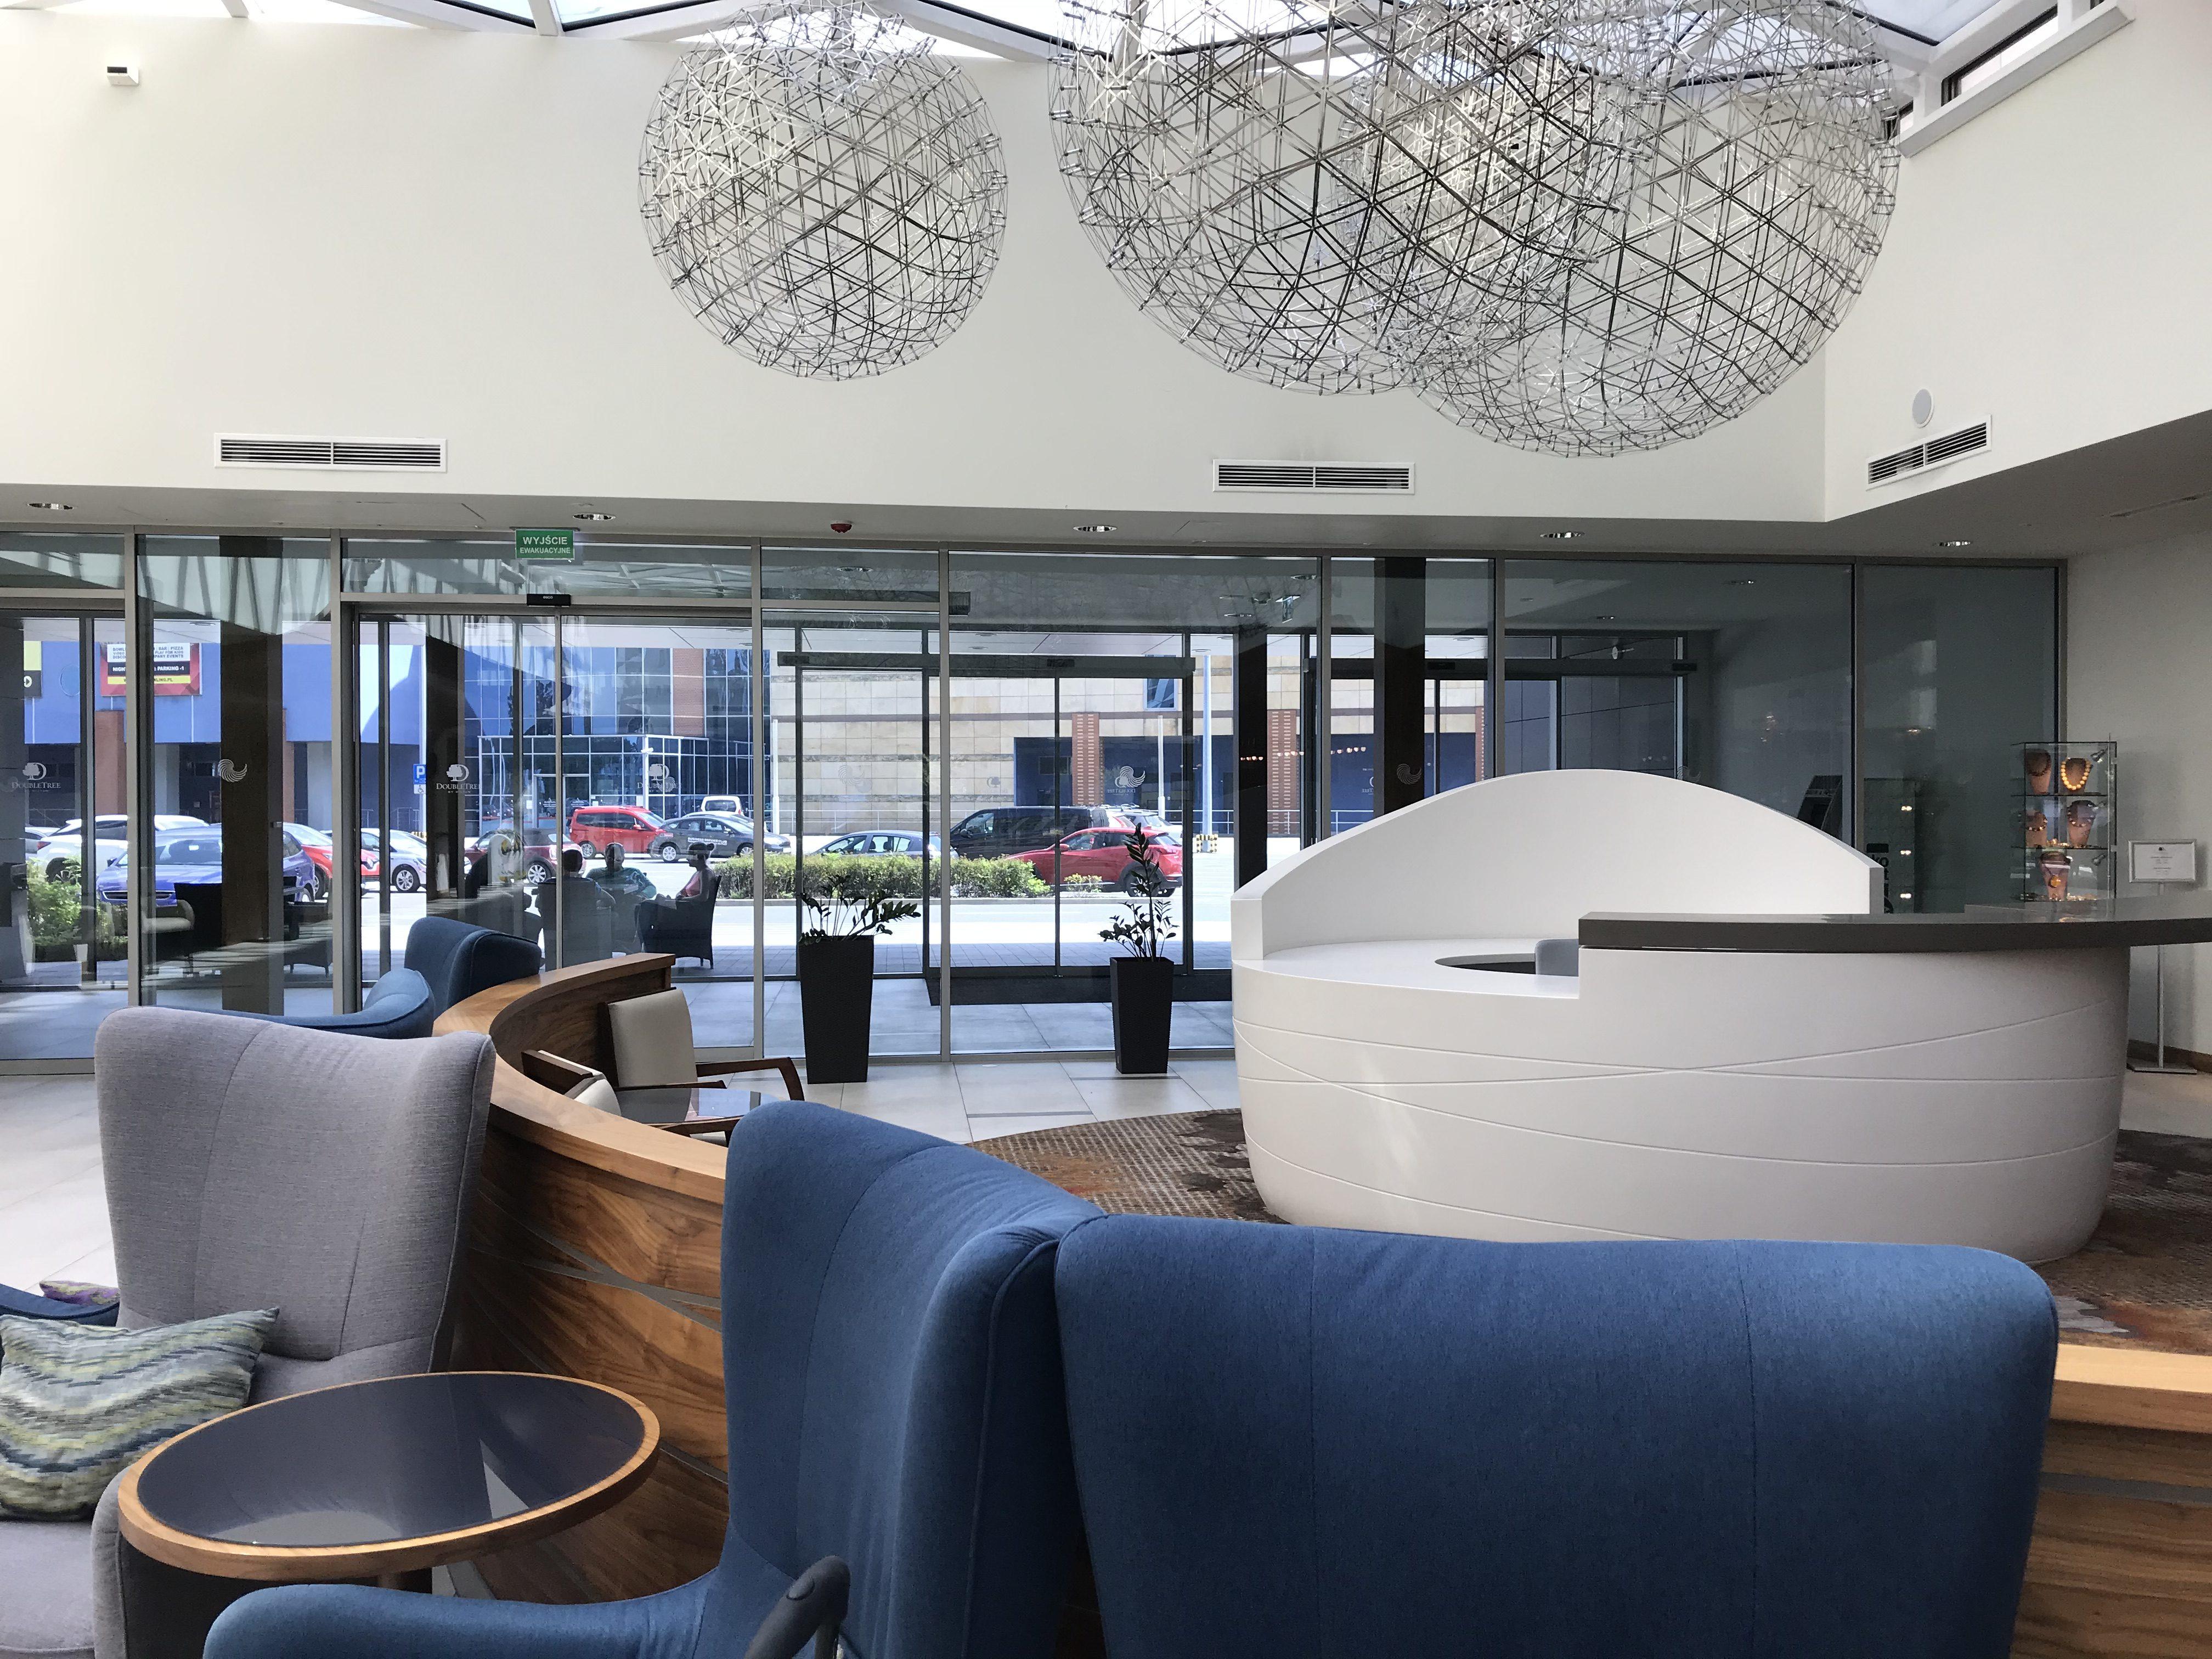 DoubleTree Krakow Poland or Hilton Garden Inn as best Hilton hotel choice? | Loyalty Traveler